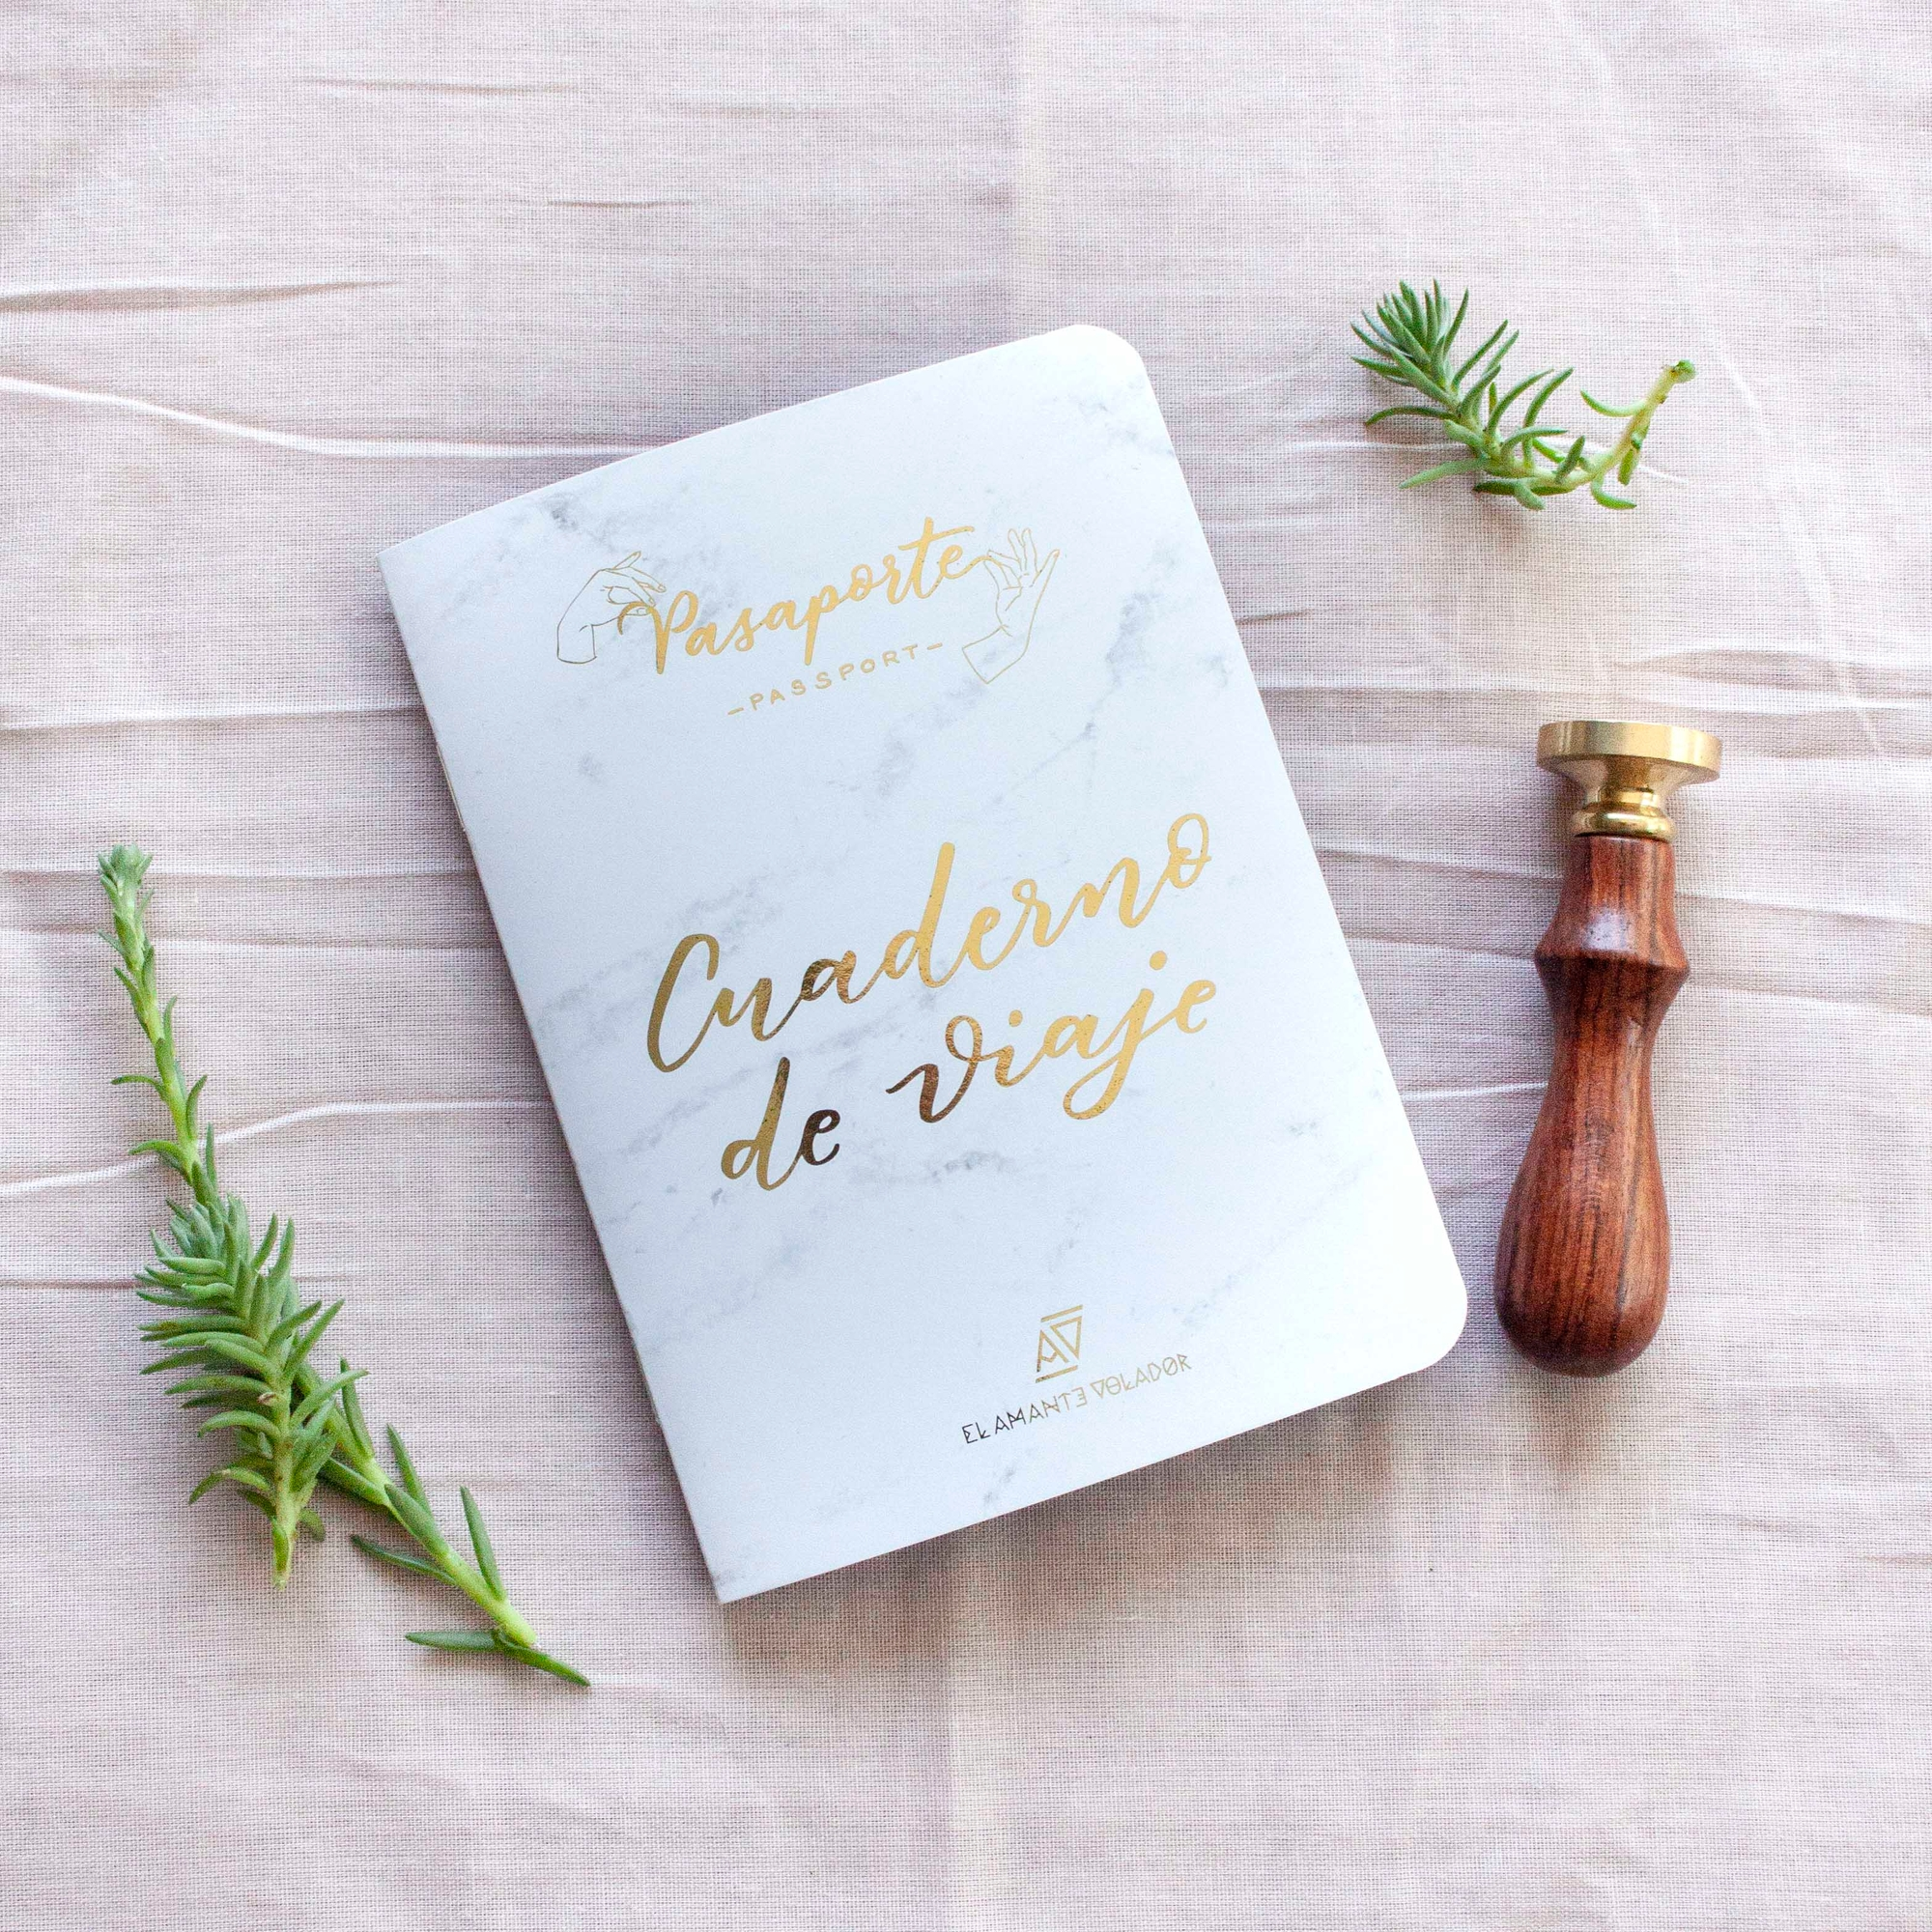 cuaderno-de-viaje-el_amante_volador_01-1.jpeg